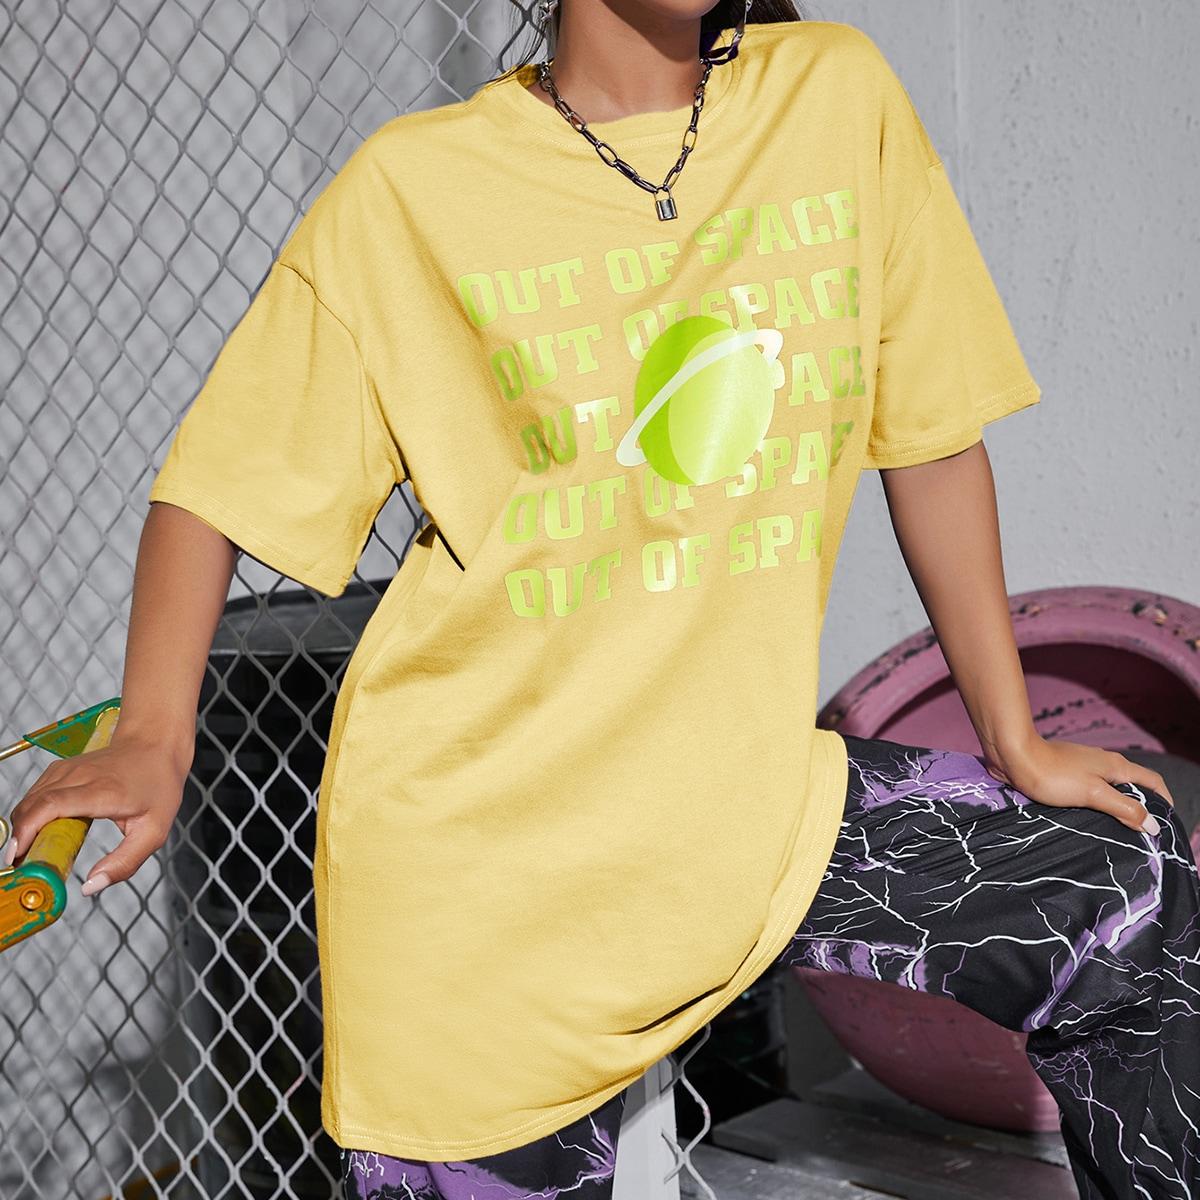 Длинная футболка с текстовым принтом фото